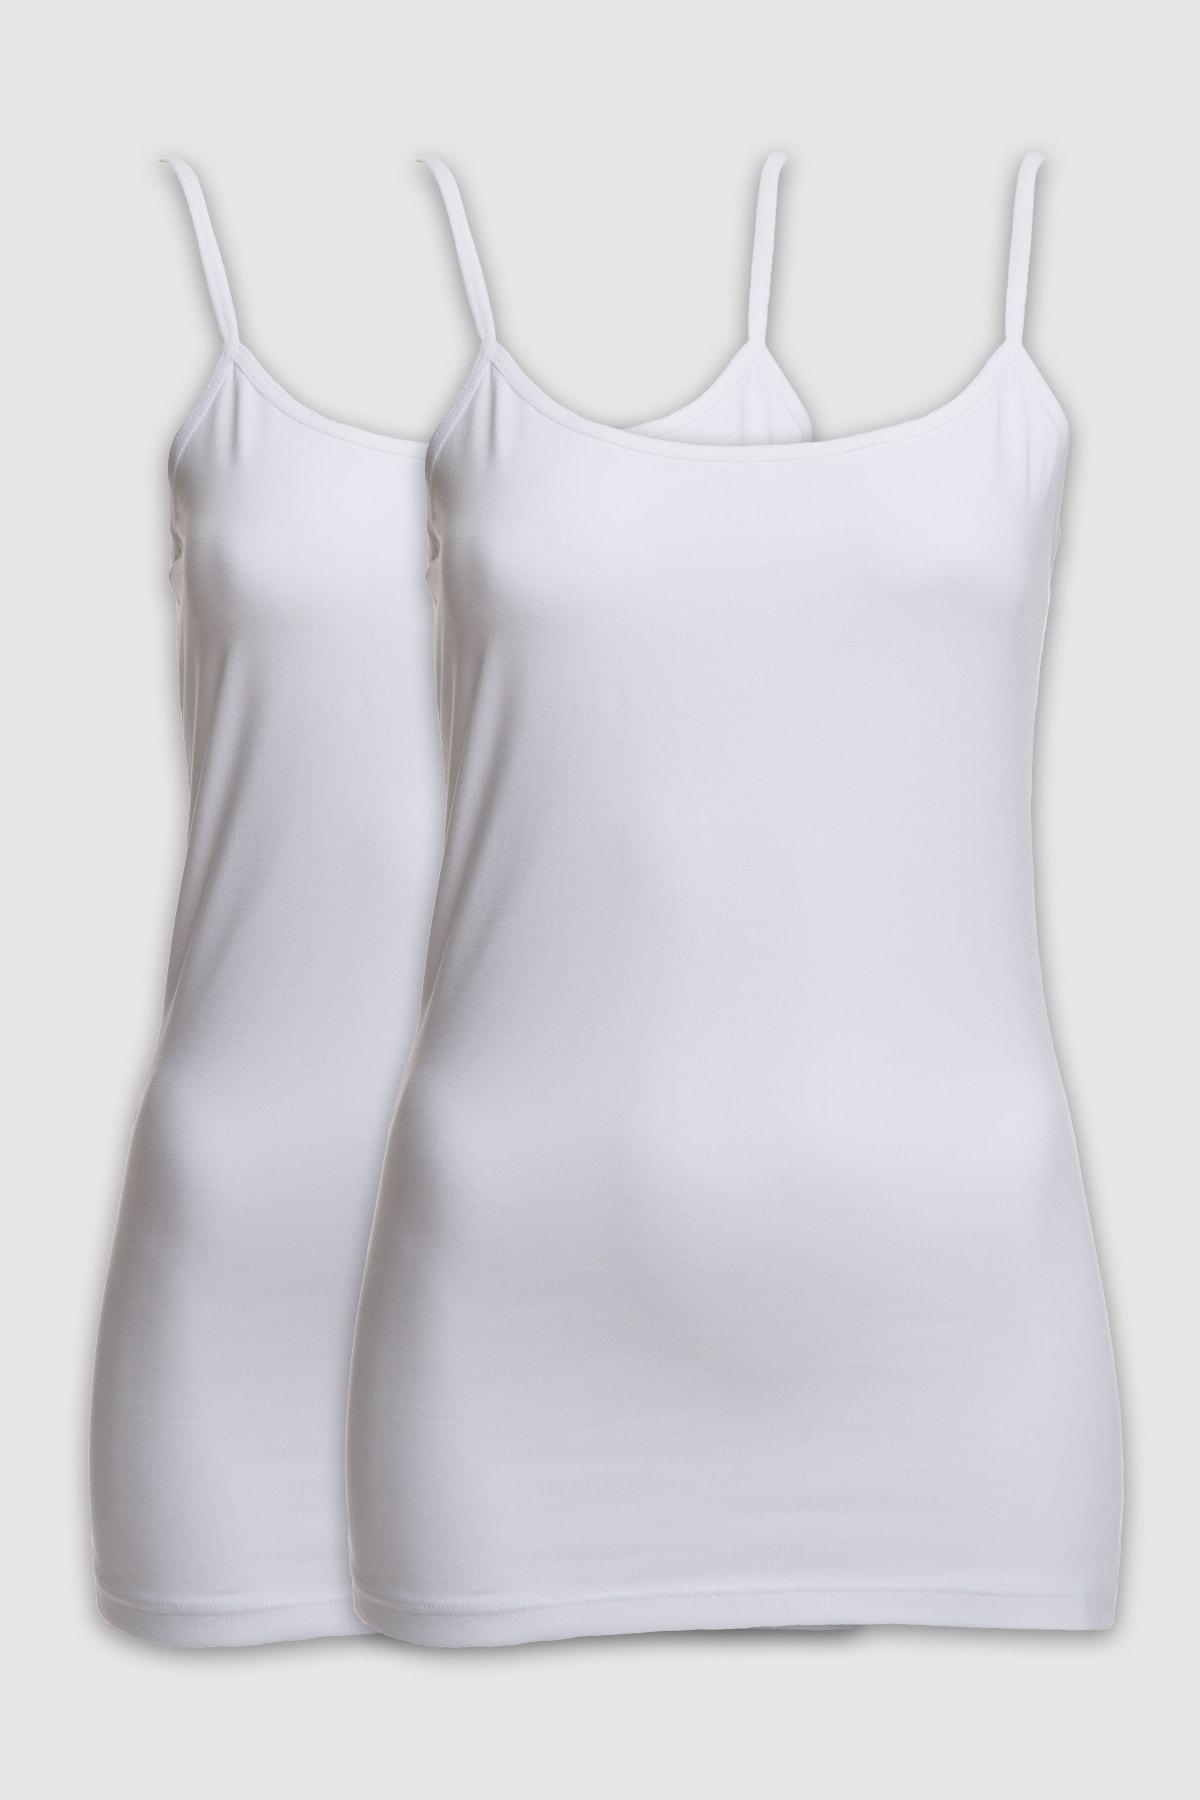 Pierre Cardin 1004 Kadın 2li Paket Askılı Atlet 1